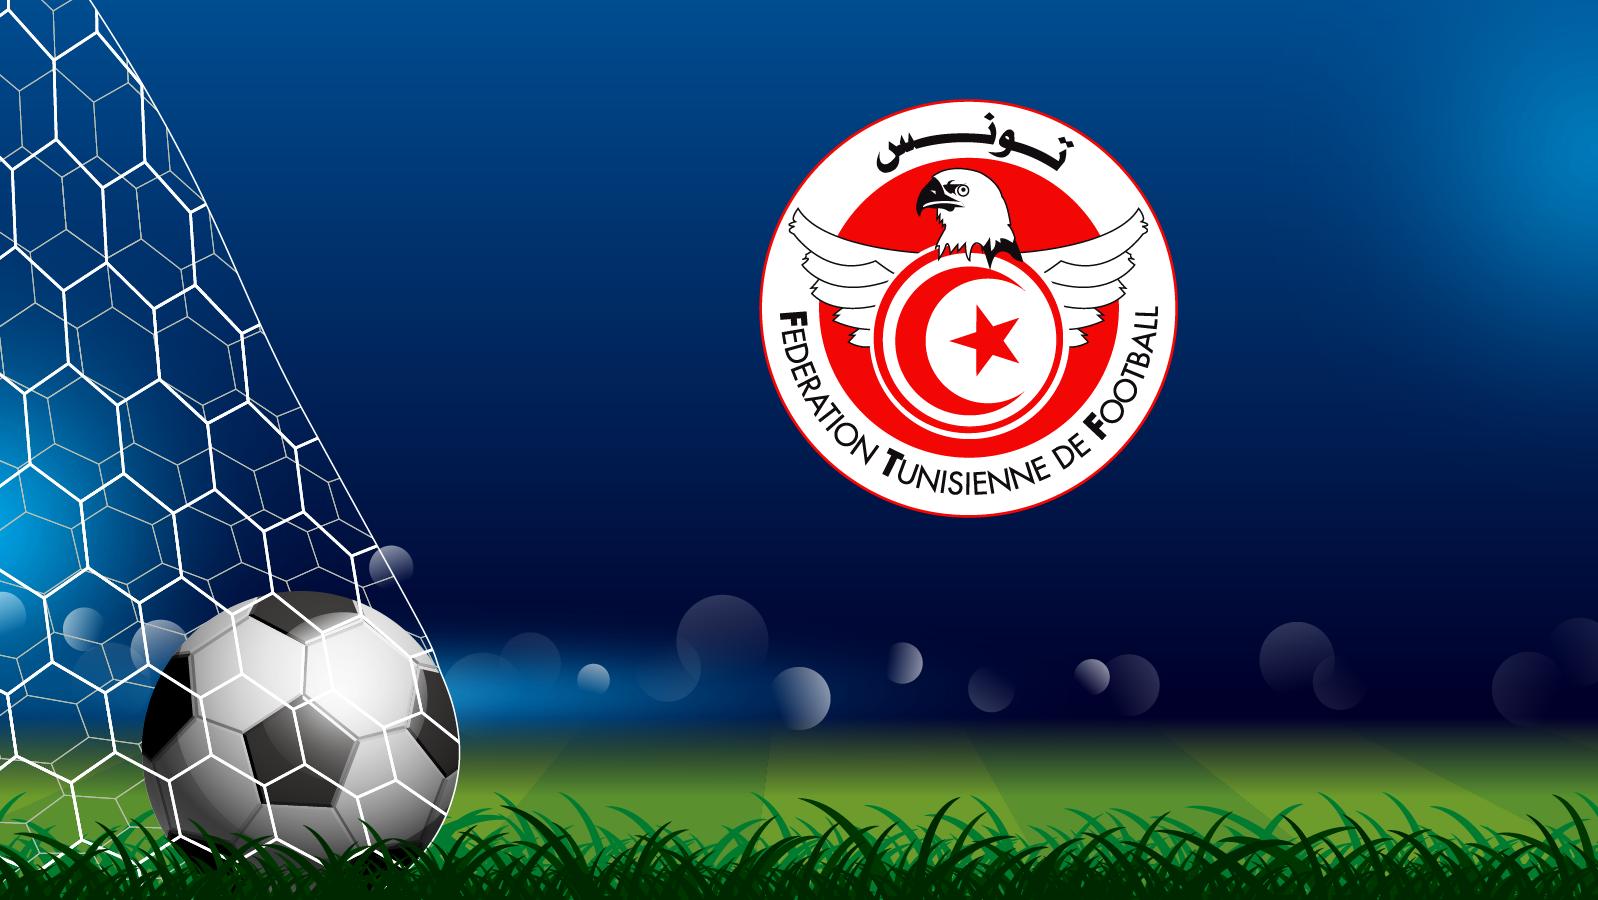 حرب البلاغات بين جامعة كرة القدم والتلفزة الوطنية